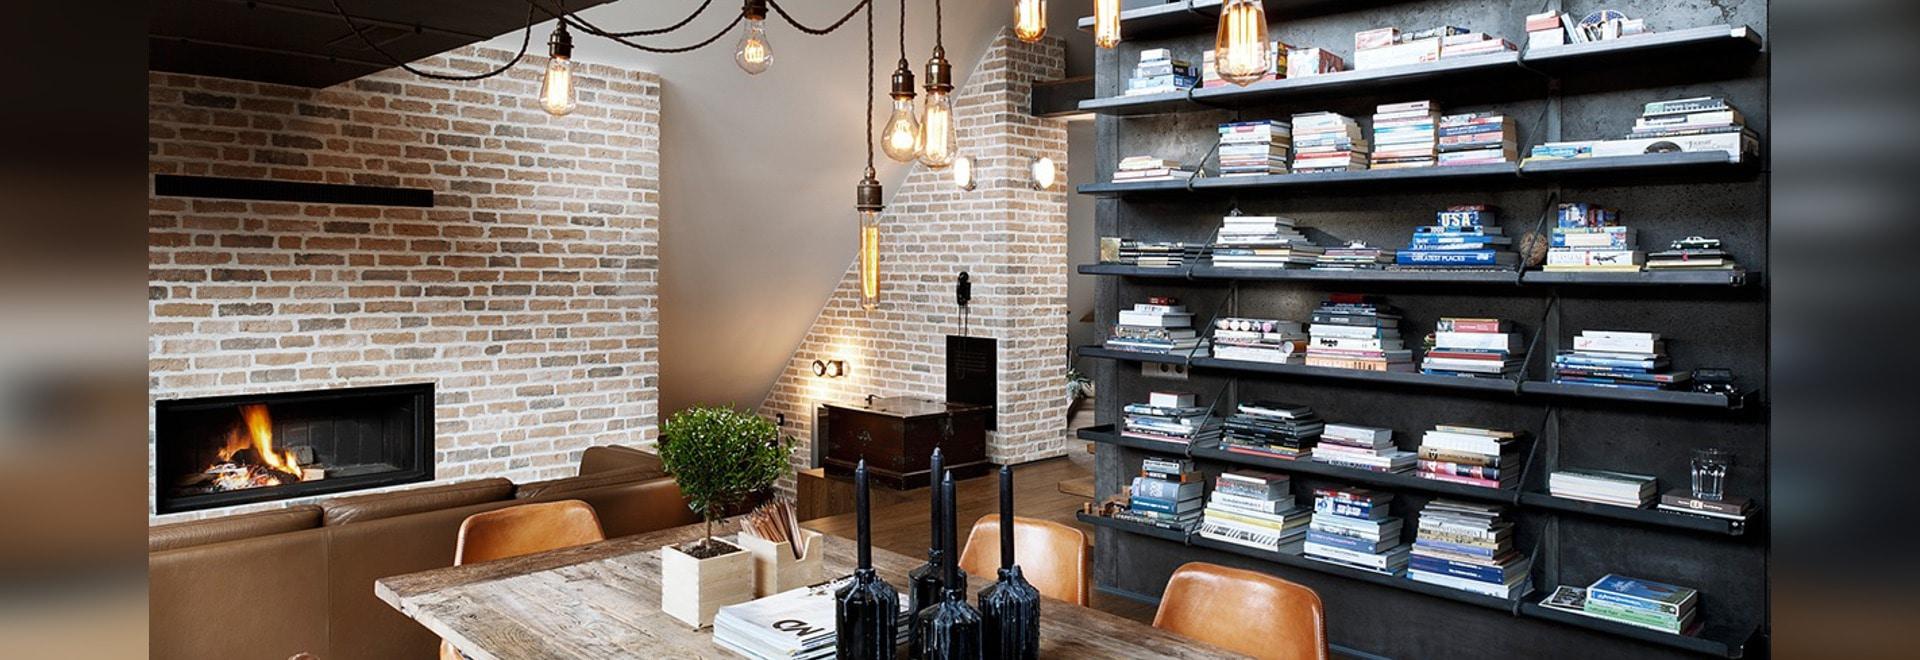 Großzügig Brendale Kundenspezifischen Gestaltung Ideen ...